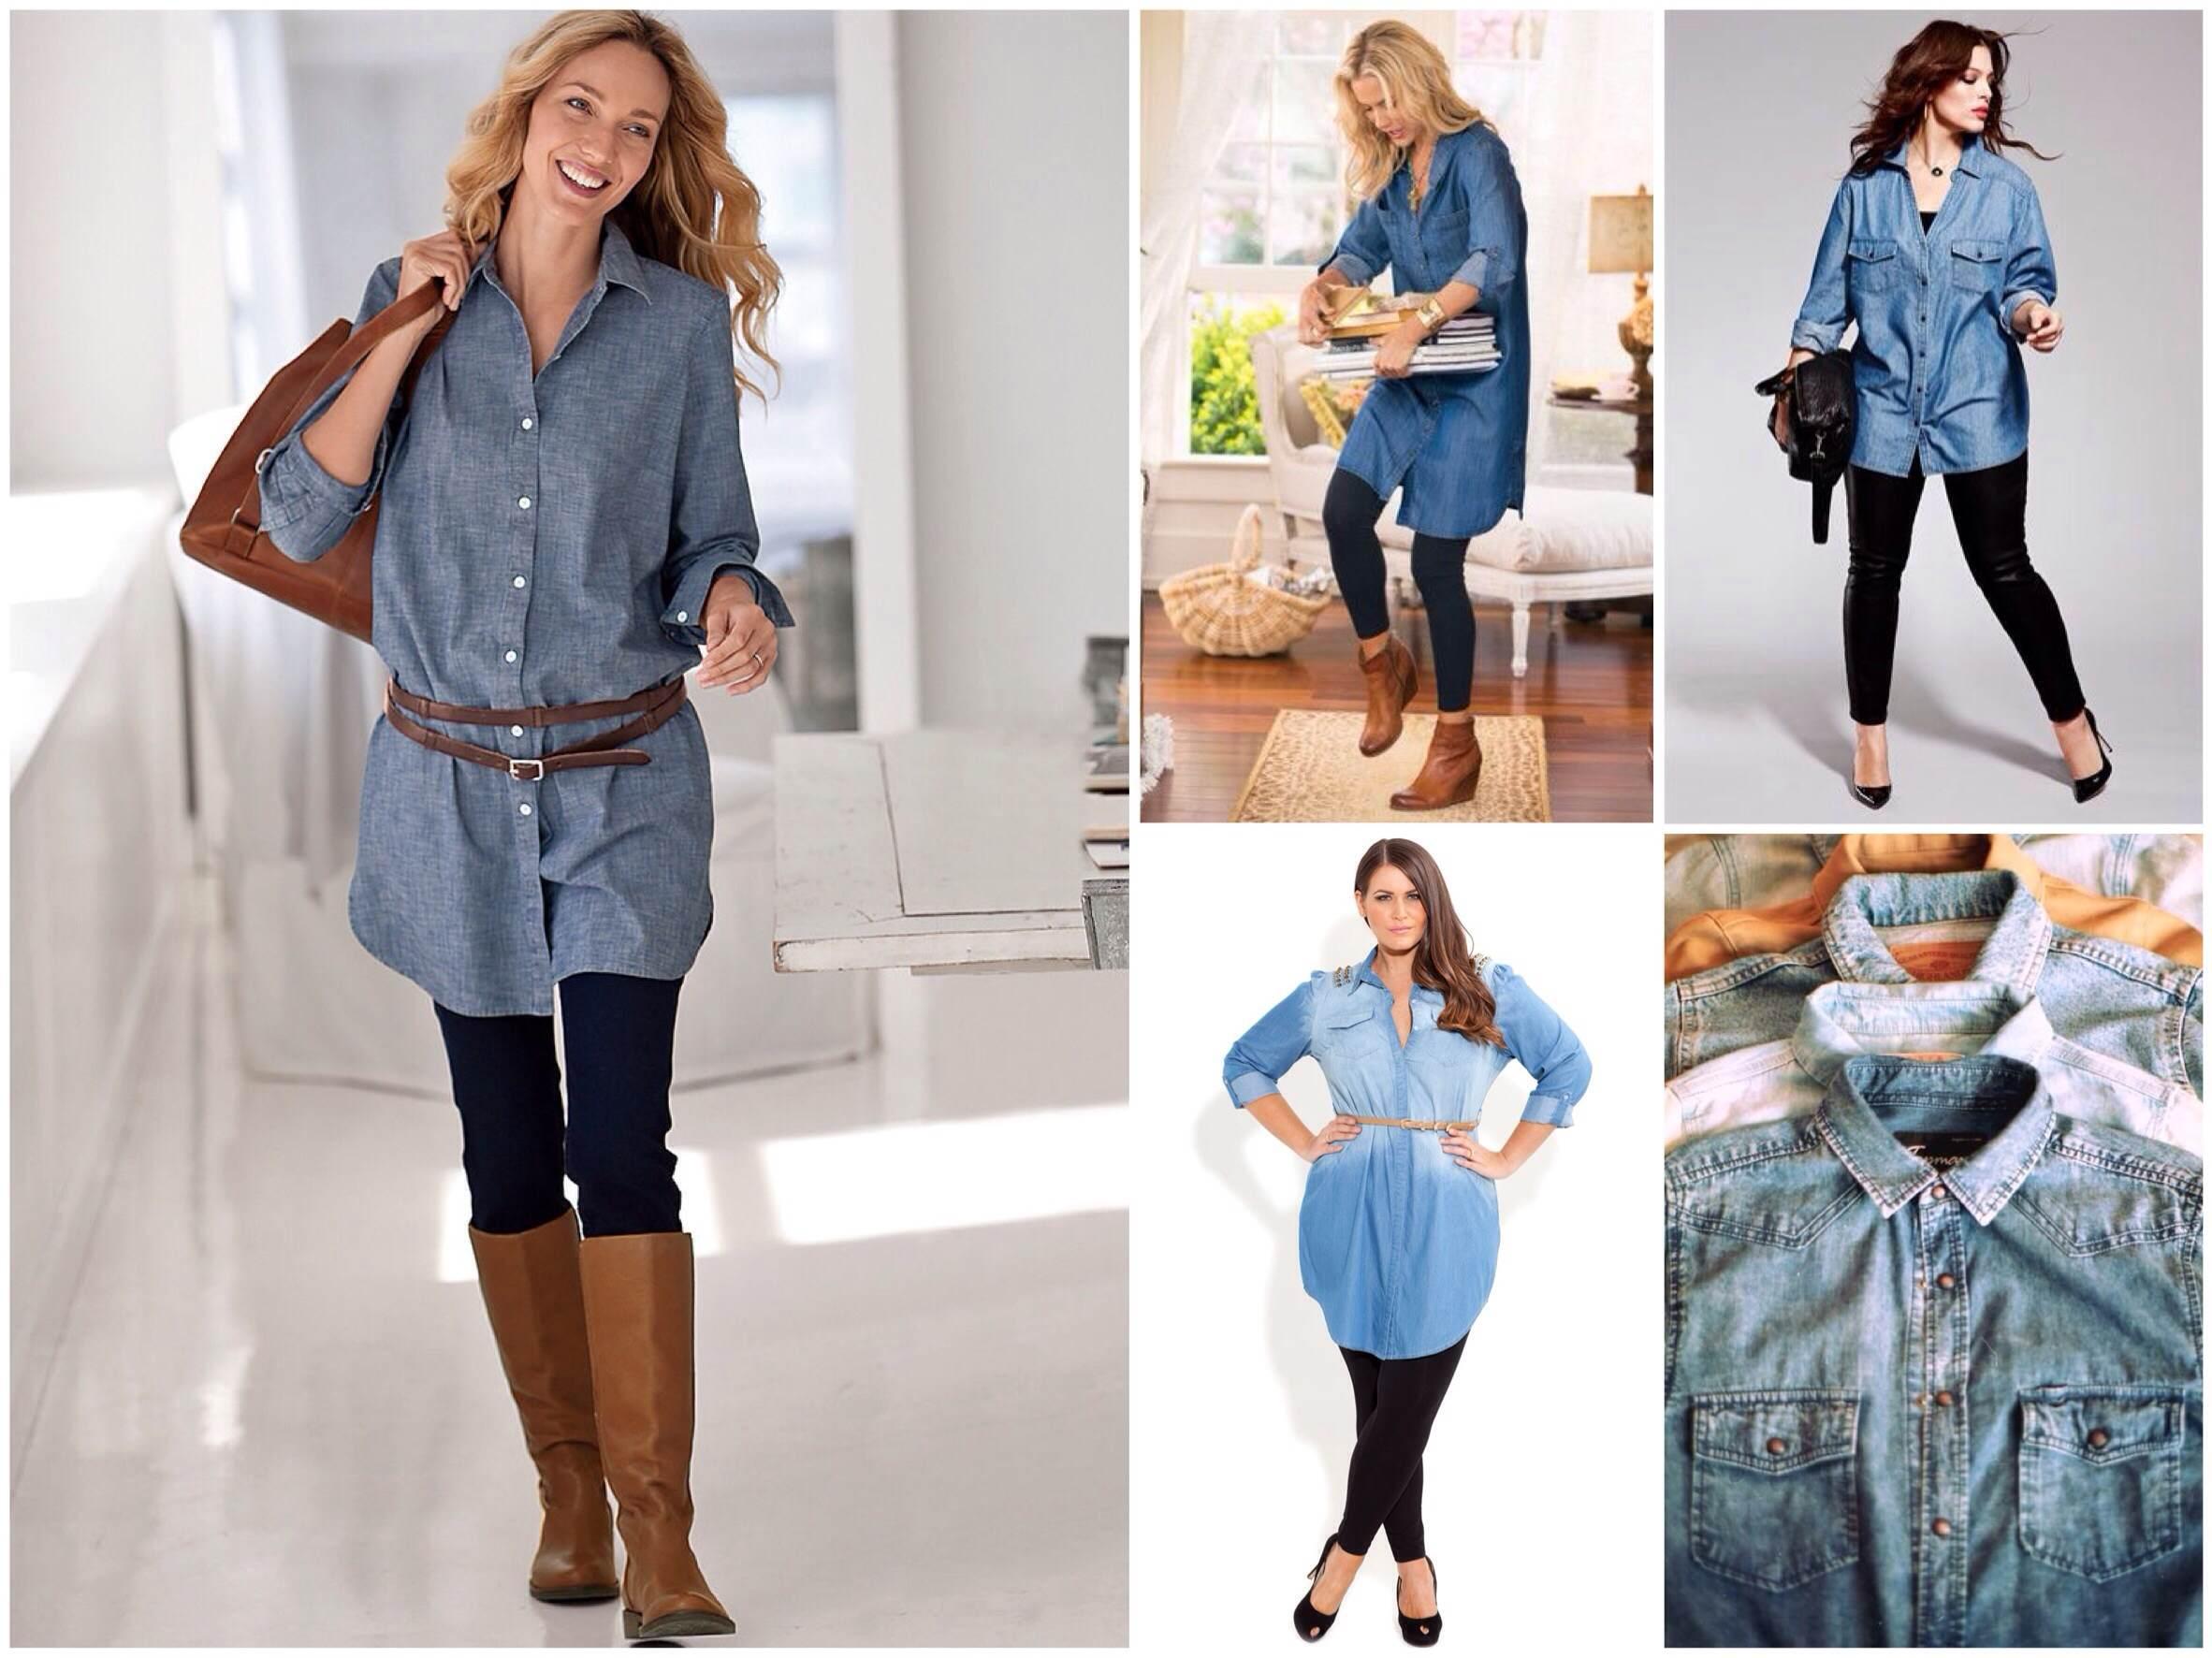 91c52410ef75913 С чем носить джинсовую рубашку: фото комплектов и рекомендации